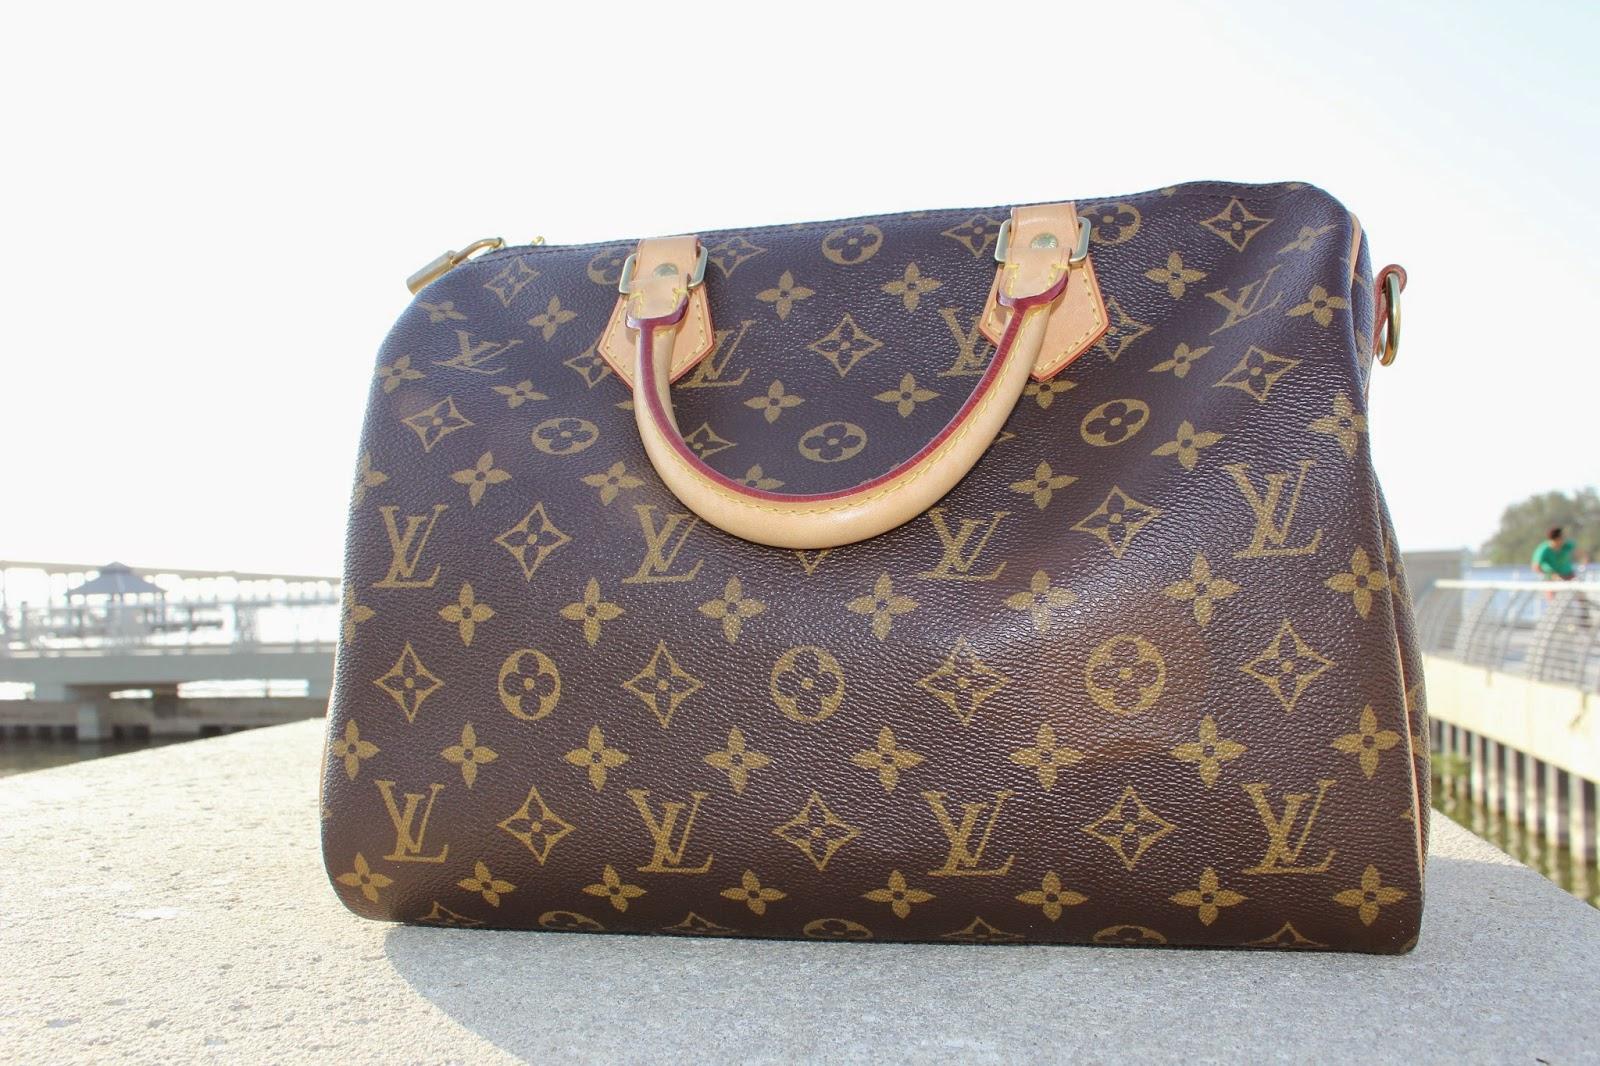 8505d86258ed Stephanie Kamp  Louis Vuitton Speedy Bandoulière 30 Review